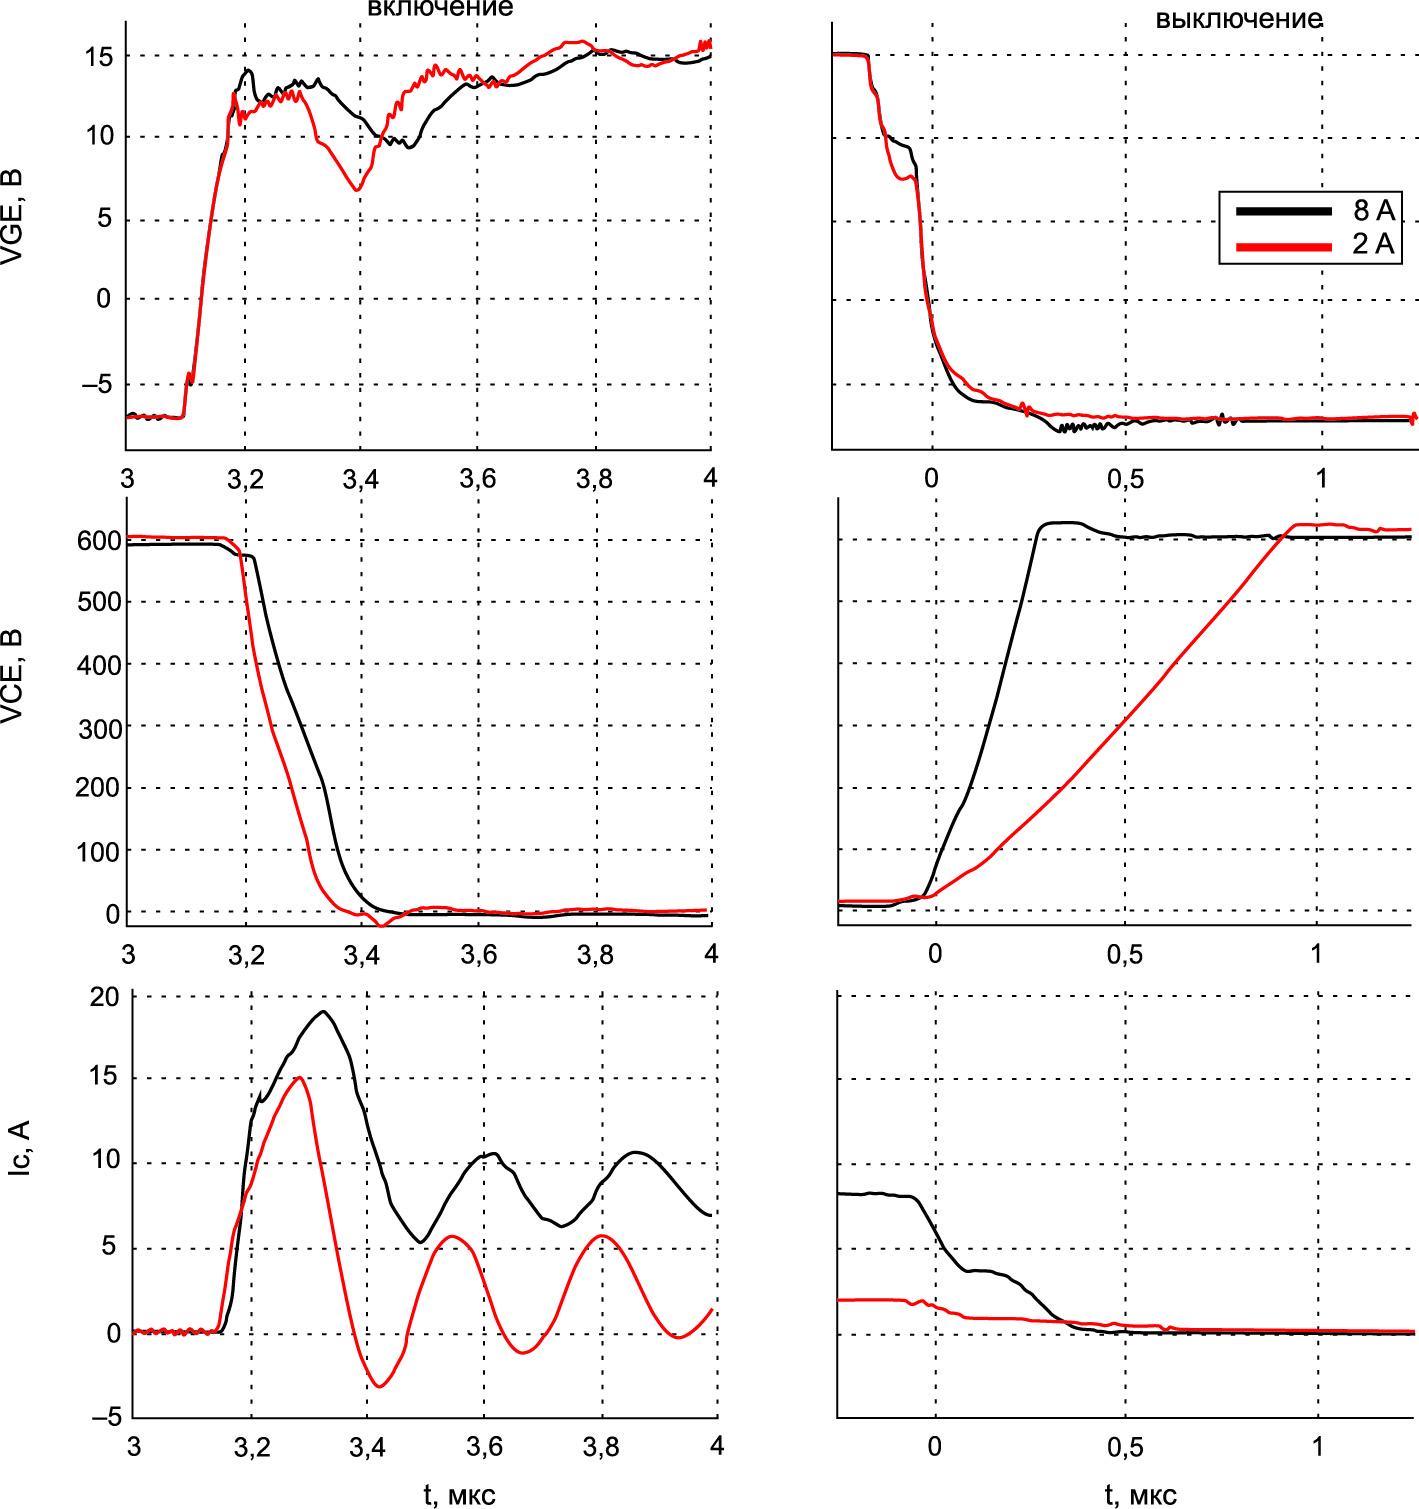 Осциллограммы тока при IC = 2 и 8 А